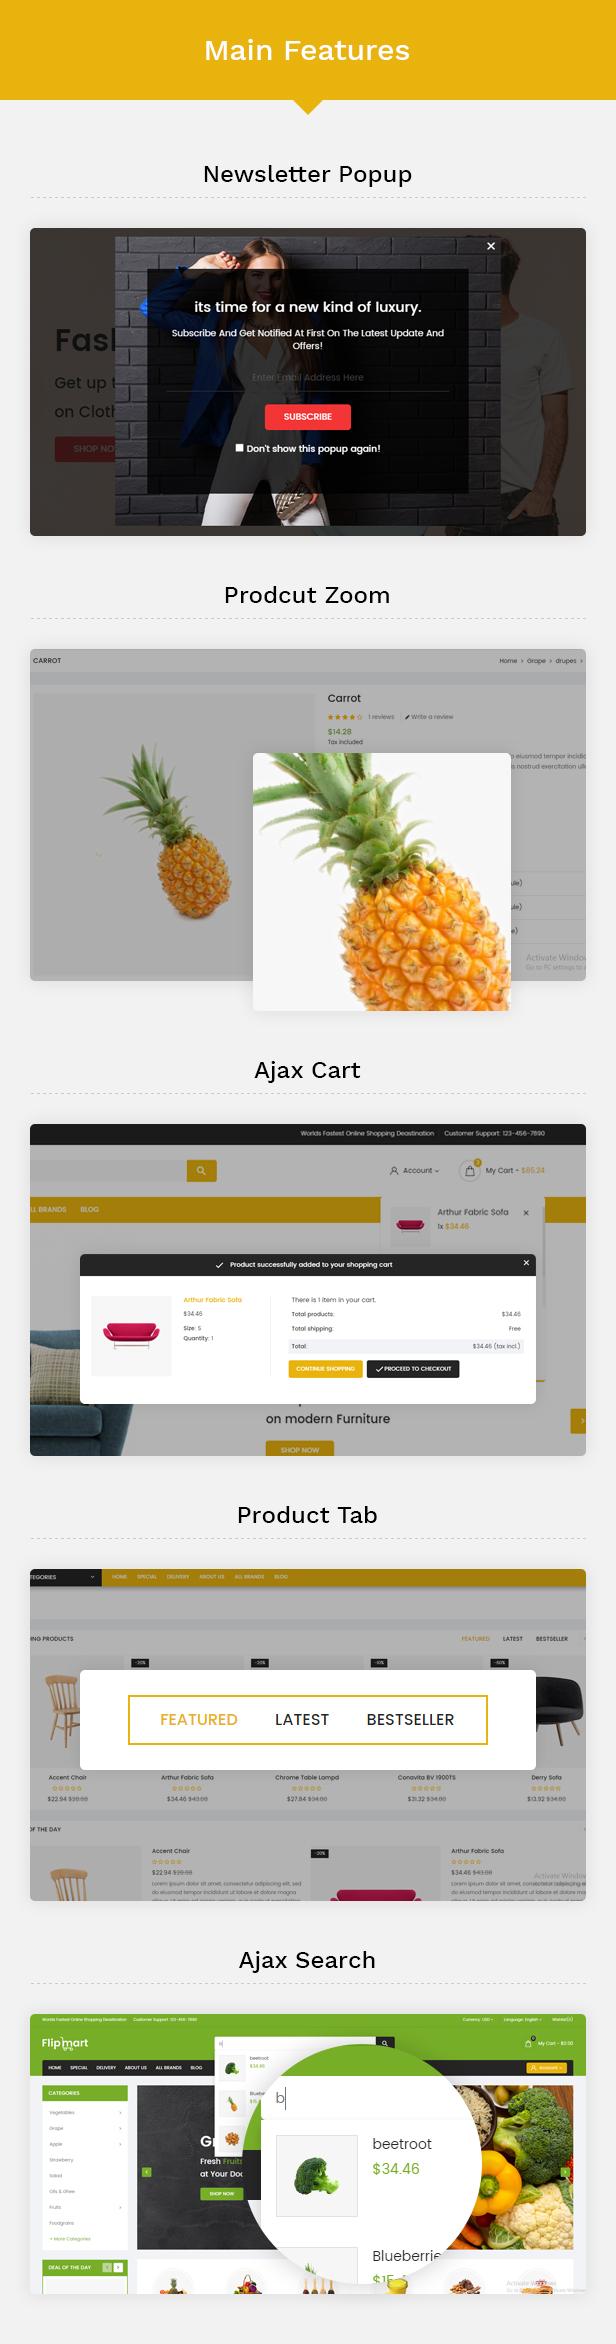 Flipmart Features